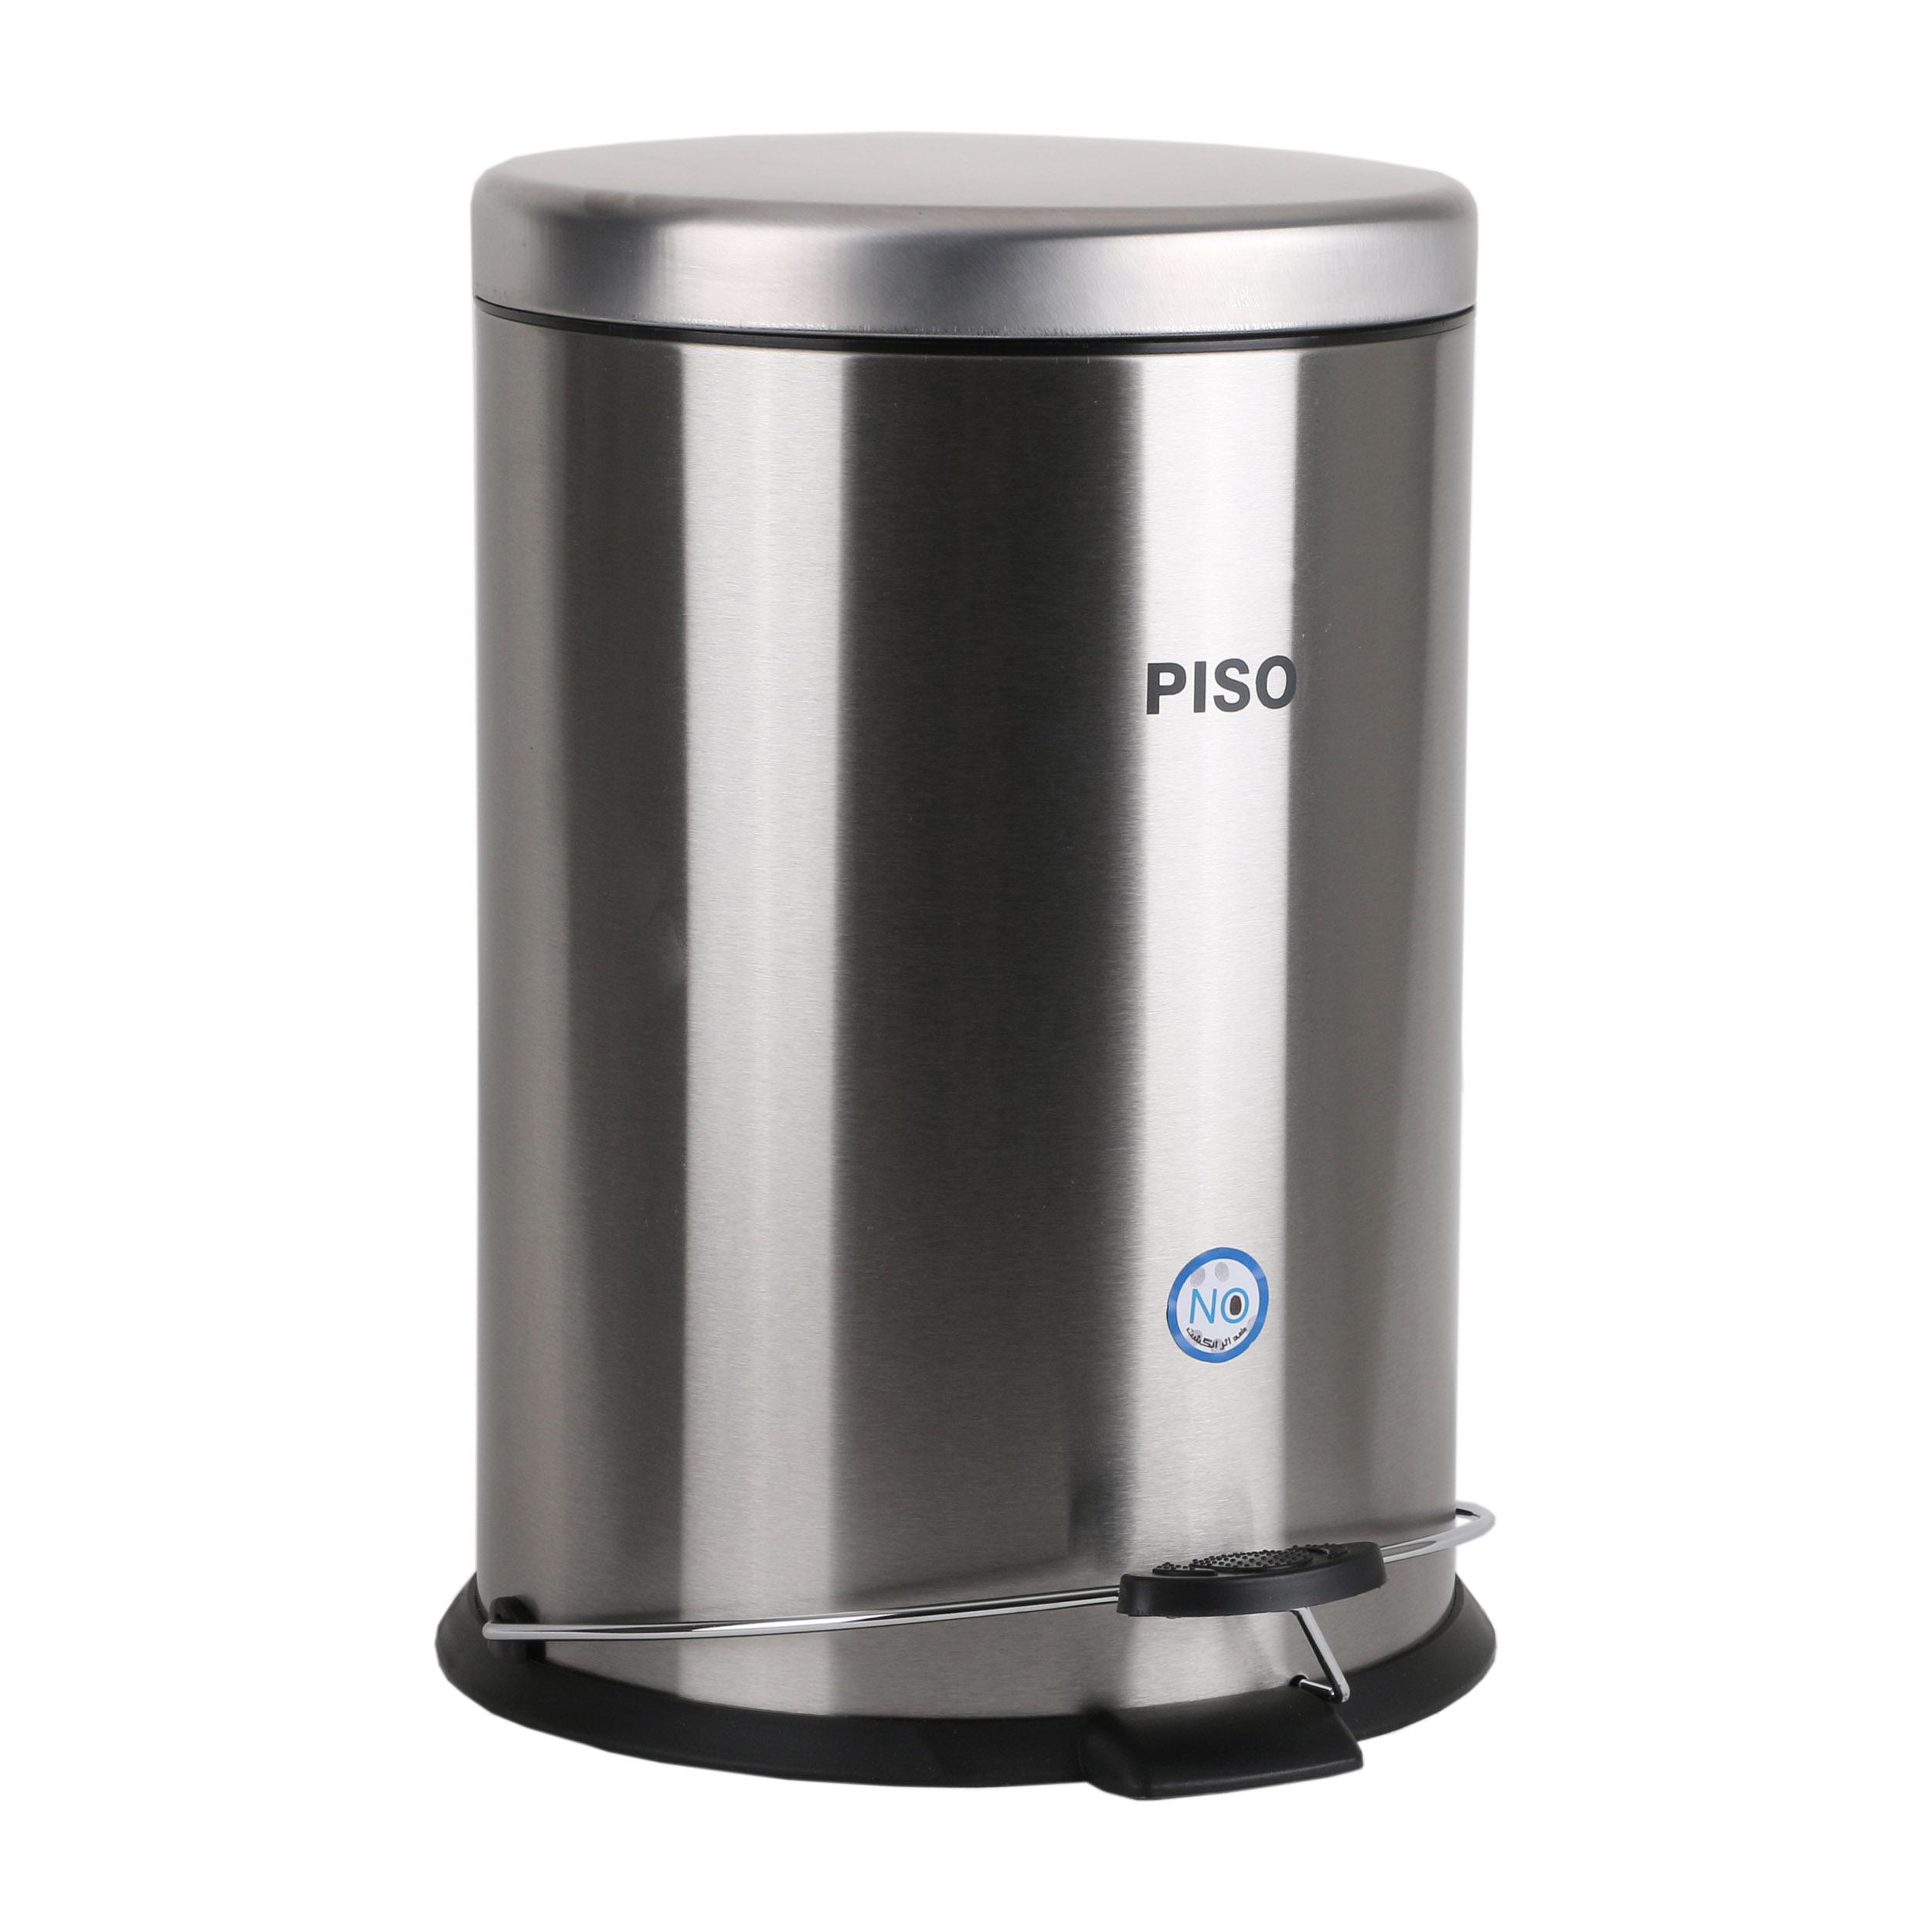 سطل زباله پدالی پیسو مدل SS-20 ظرفیت 20 لیتر